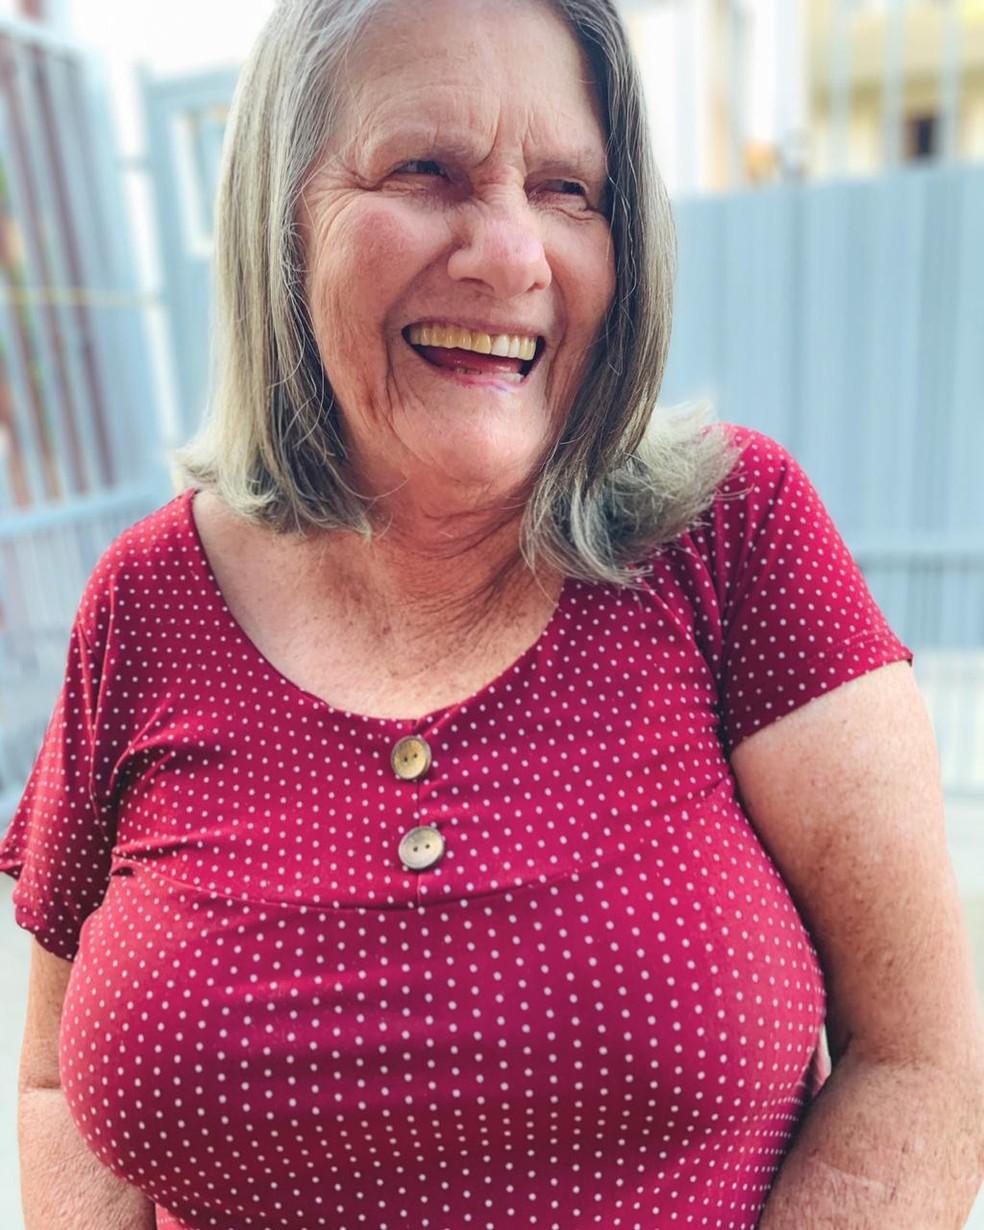 Milta de Jesus Oliveira sofreu infarto após ser acusada de furtar chinelo em supermercado no DF — Foto: Arquivo pessoal